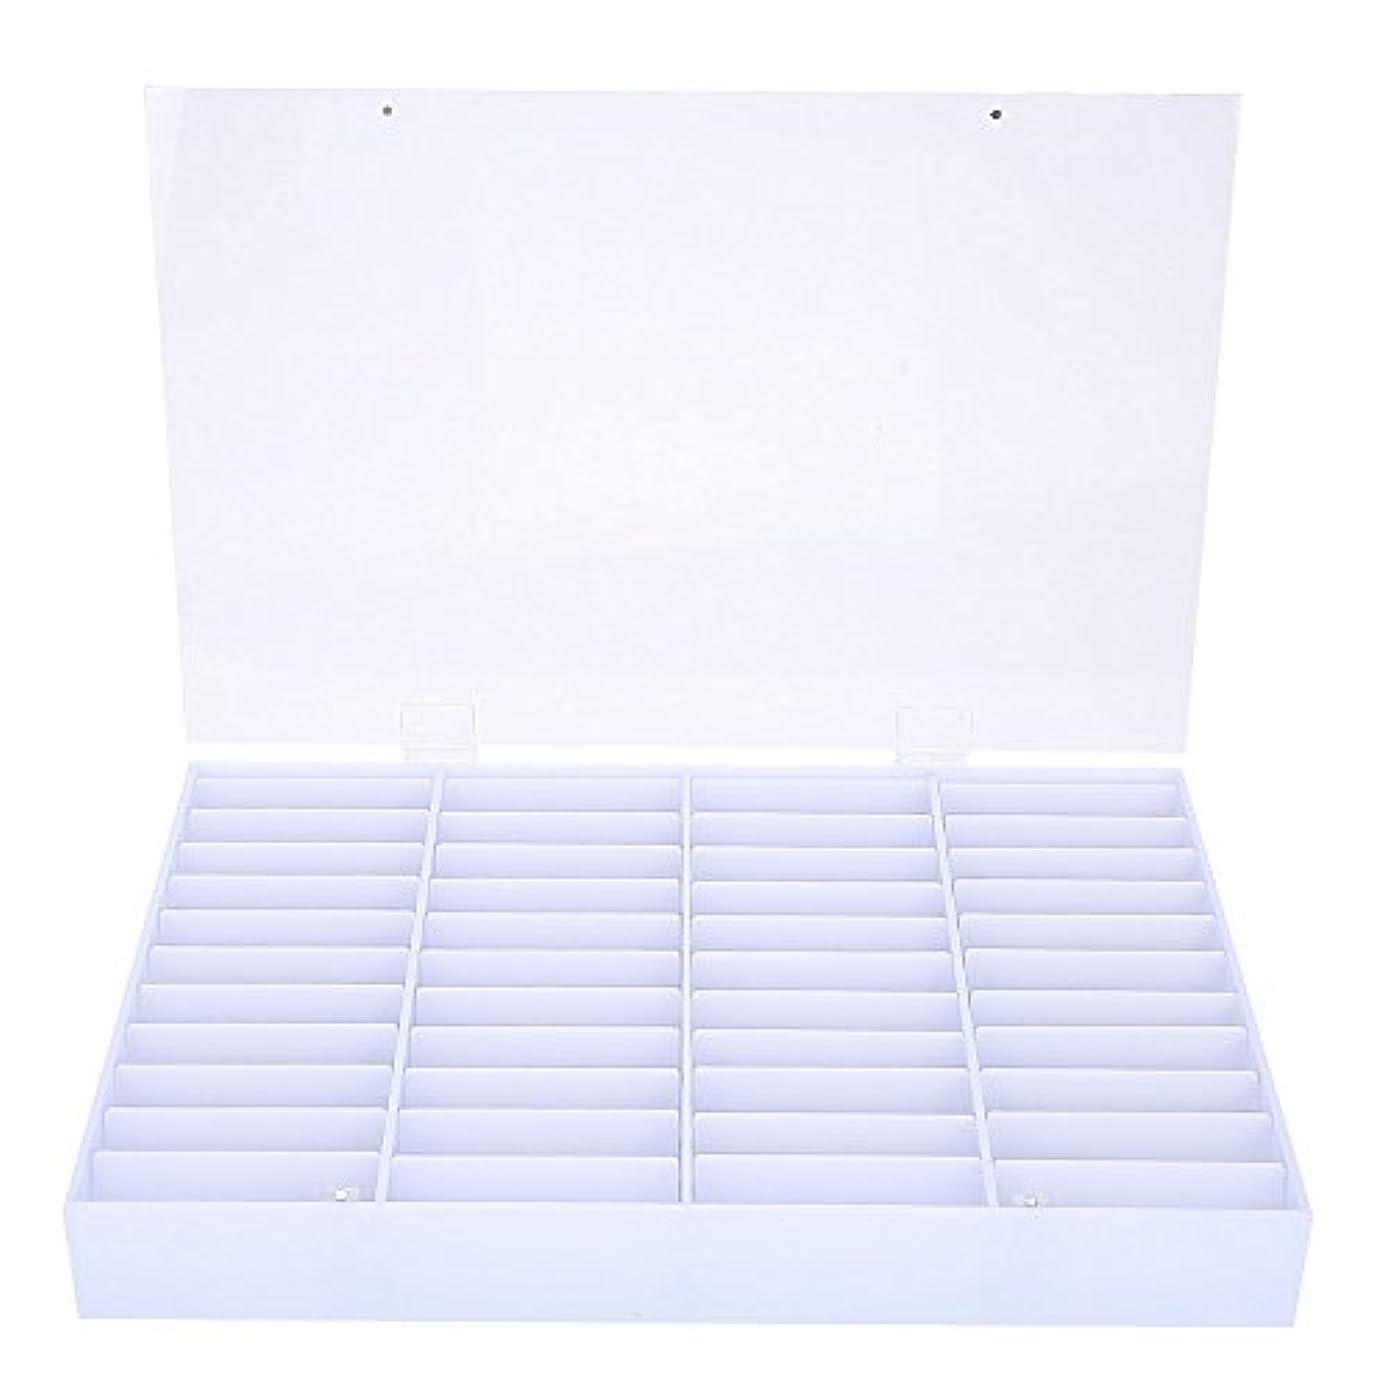 明快気性ハンカチネイル収納ボックス、空のネイルのヒント収納ボックスクリアネイルアート装飾コンテナフェイクネイルディスプレイケース、空の収納ボックスネイルアート